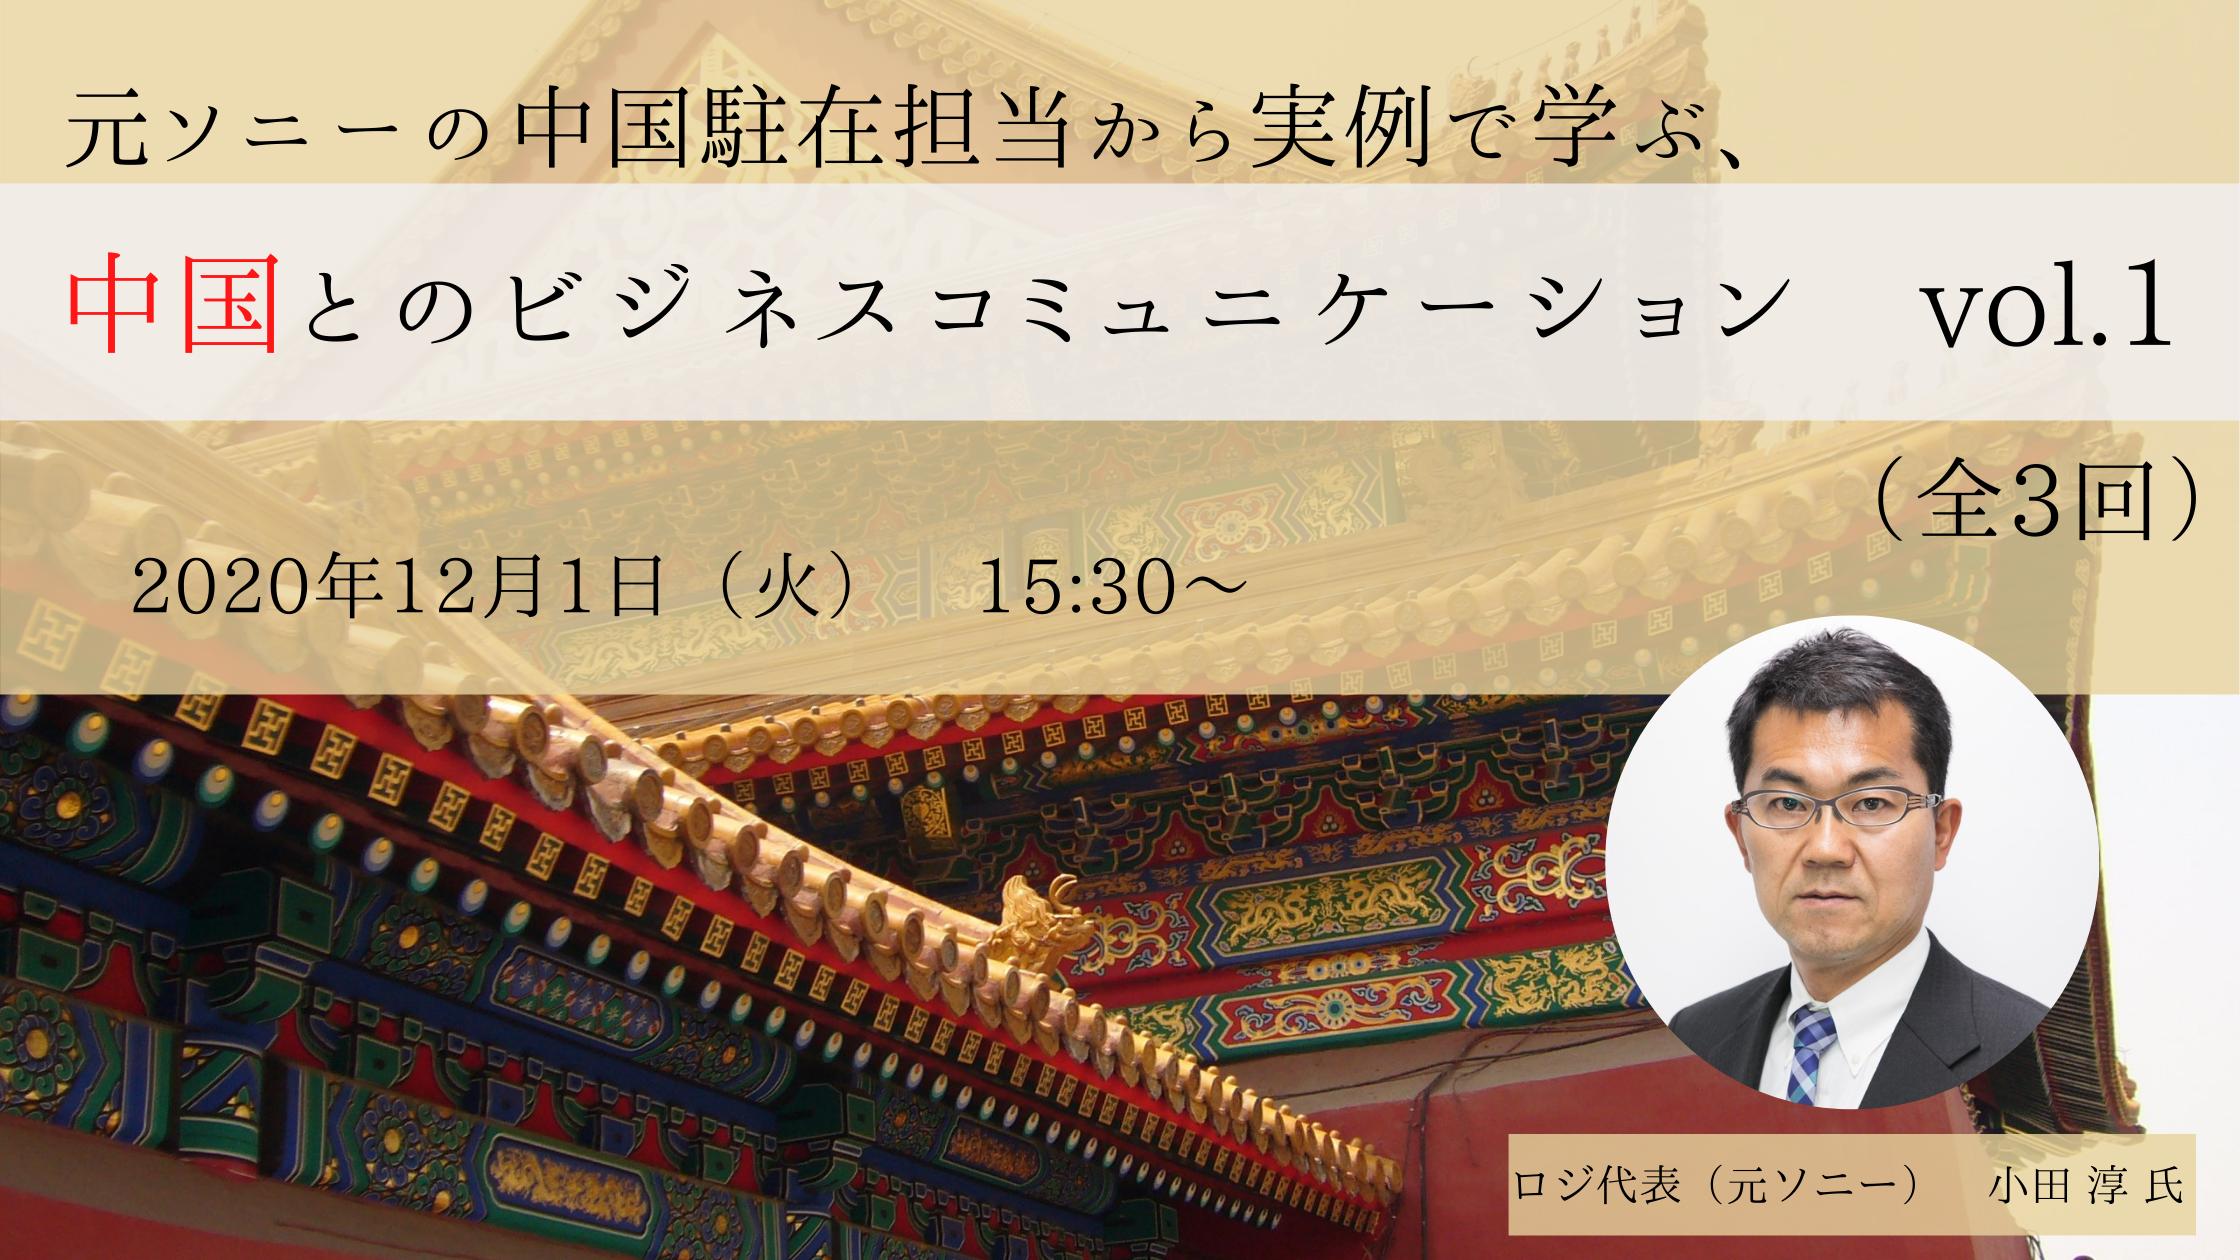 【オンライン】元ソニーの中国駐在担当から実例で学ぶ、中国とのビジネスコミュニケーション vol.1(全3回)